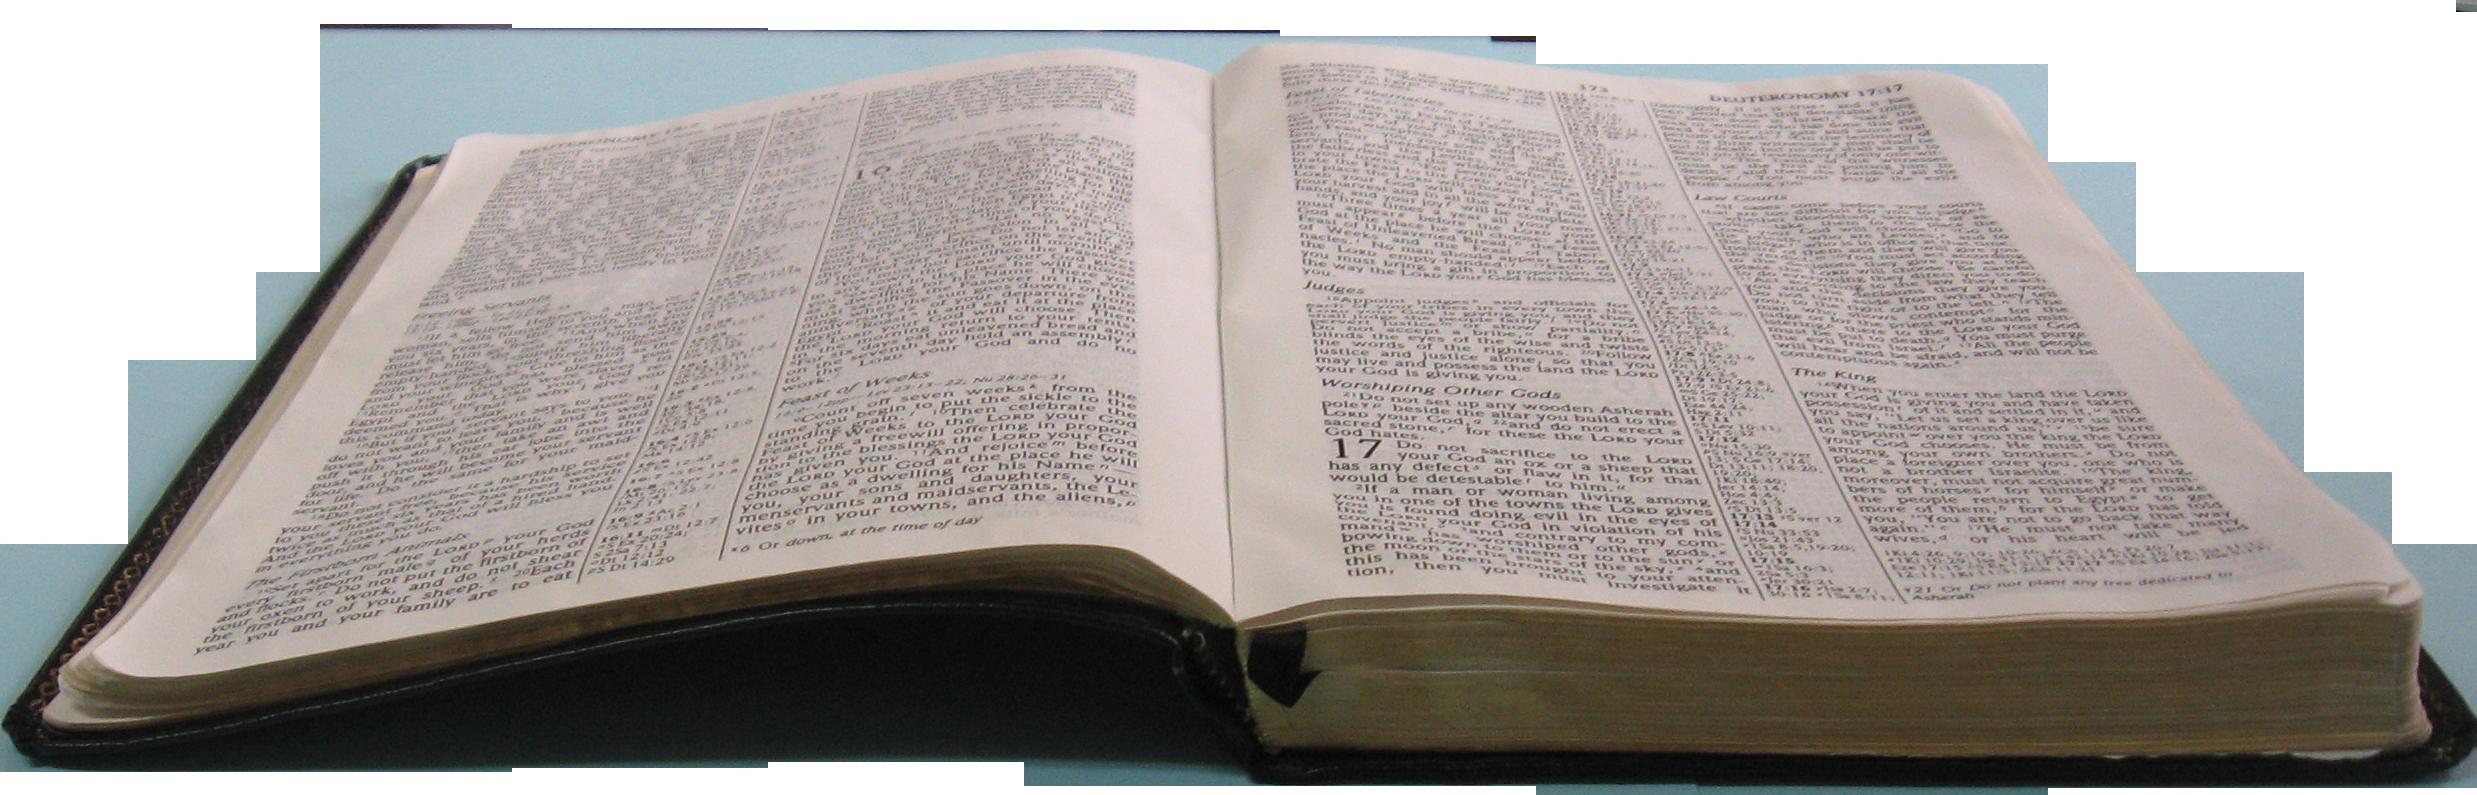 Bible Study Clipart & Clip Art Images #12355 ...